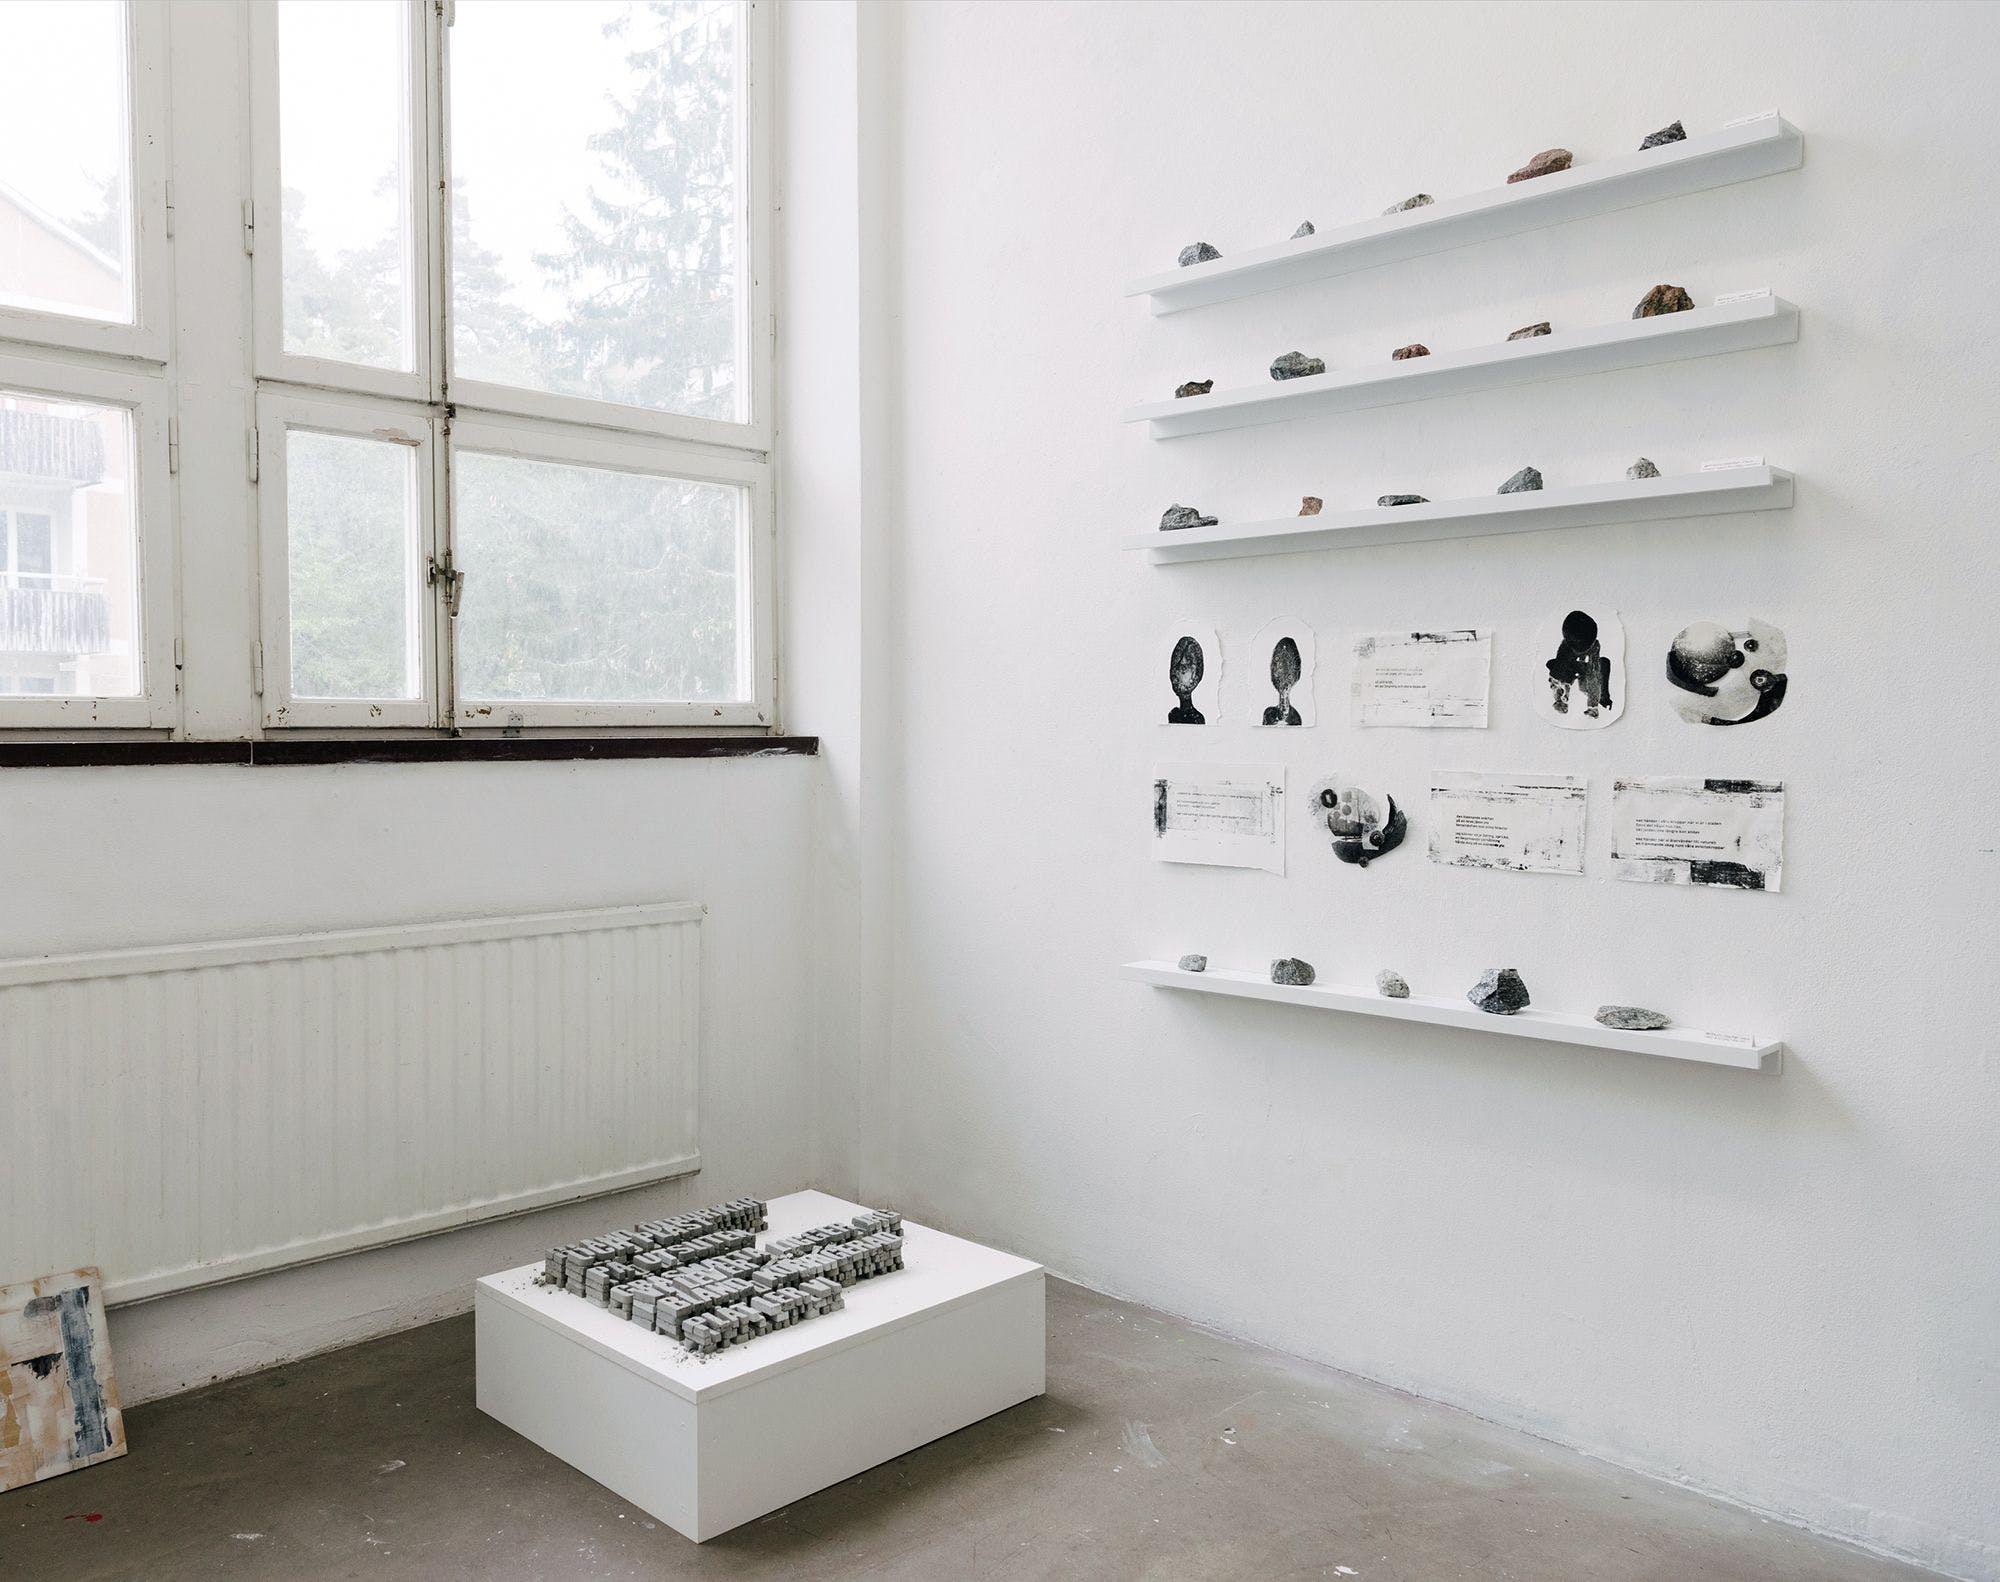 Åsa Polfjärd's exhibition Oläkbara brott 2021. Photo: Mira Åkerman